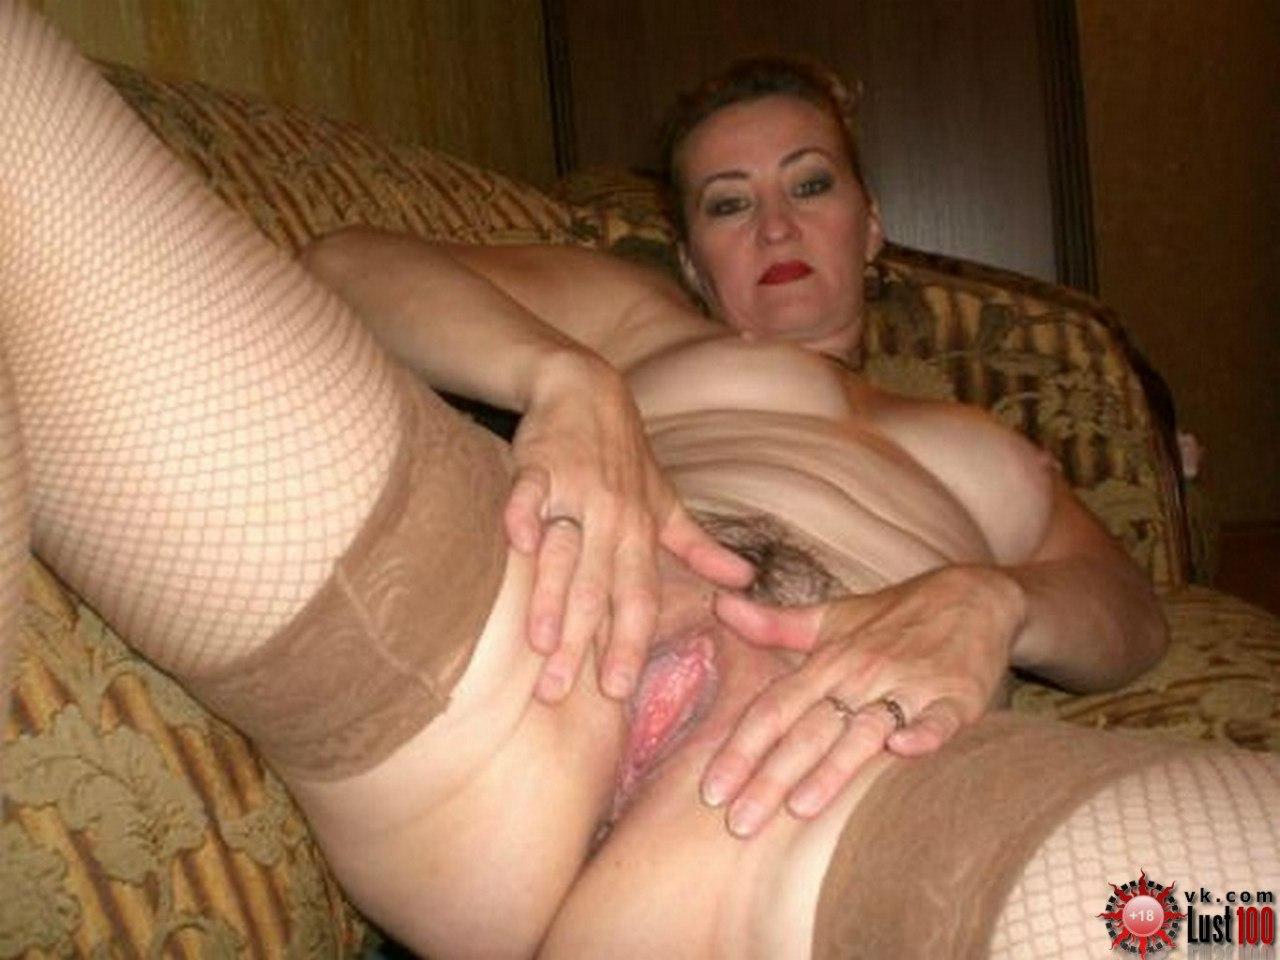 Фото порно зрелых смотреть онлайн бесплатно 28 фотография